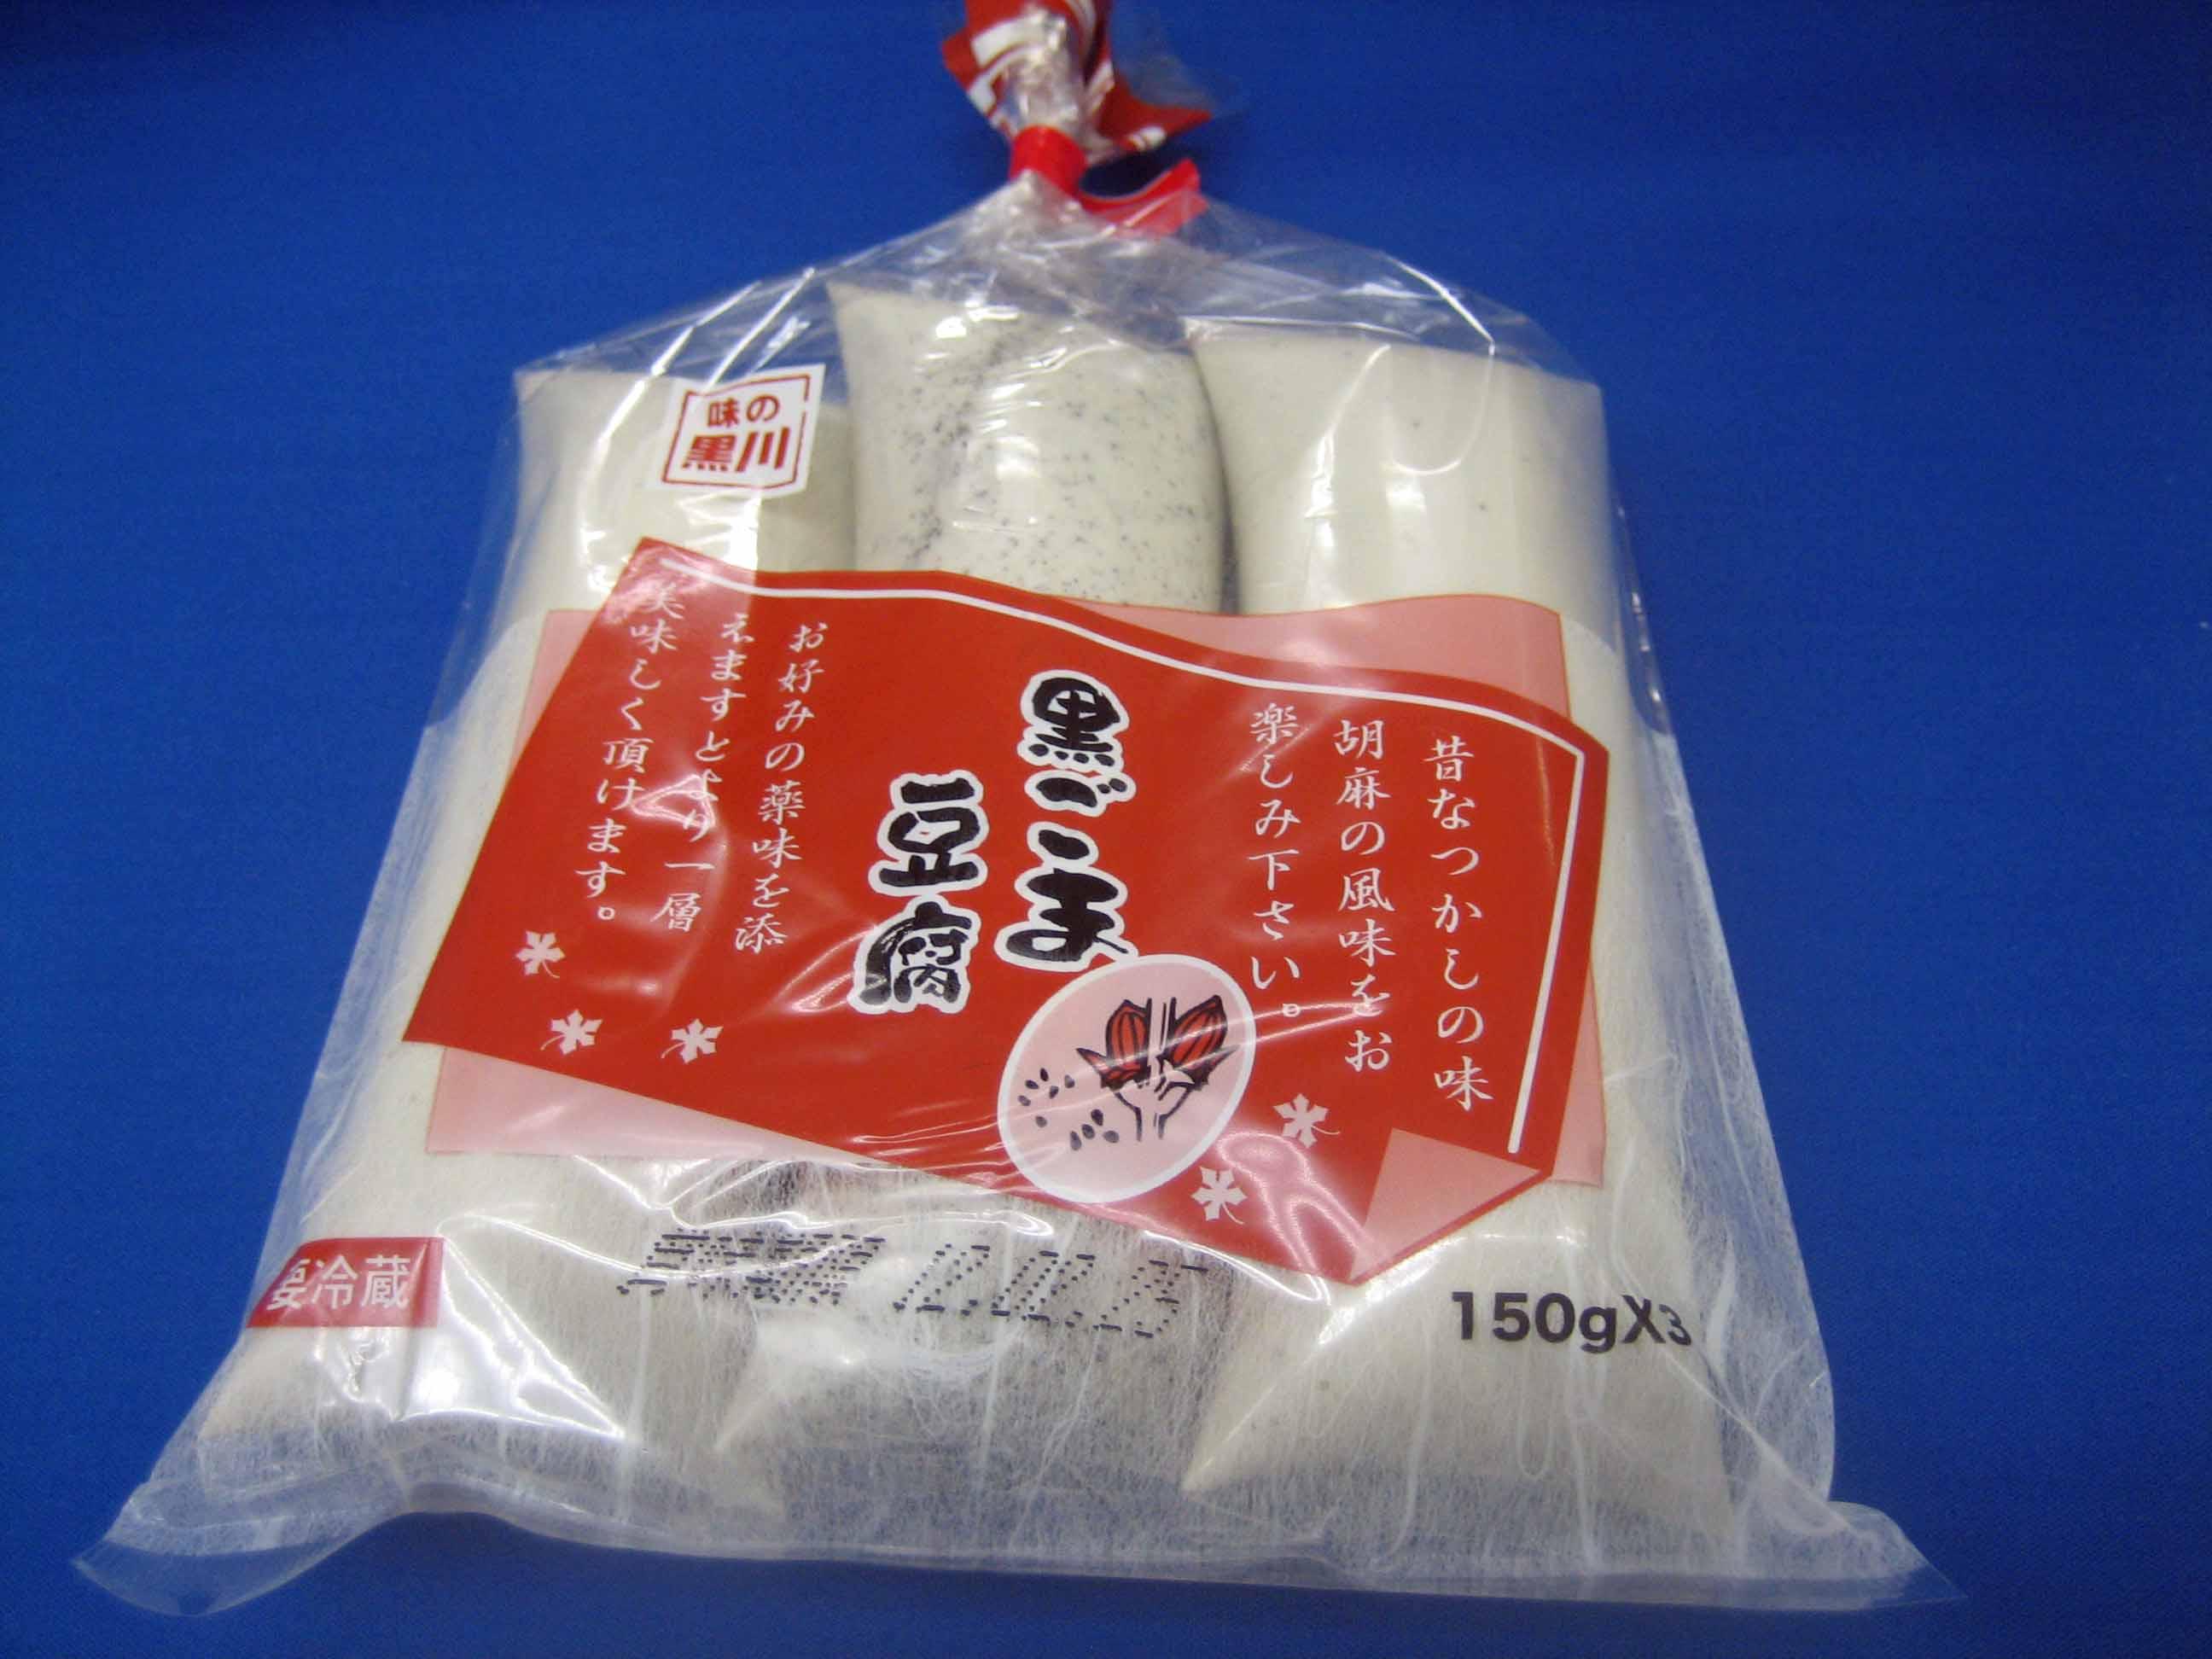 ごま袋豆腐3本入り